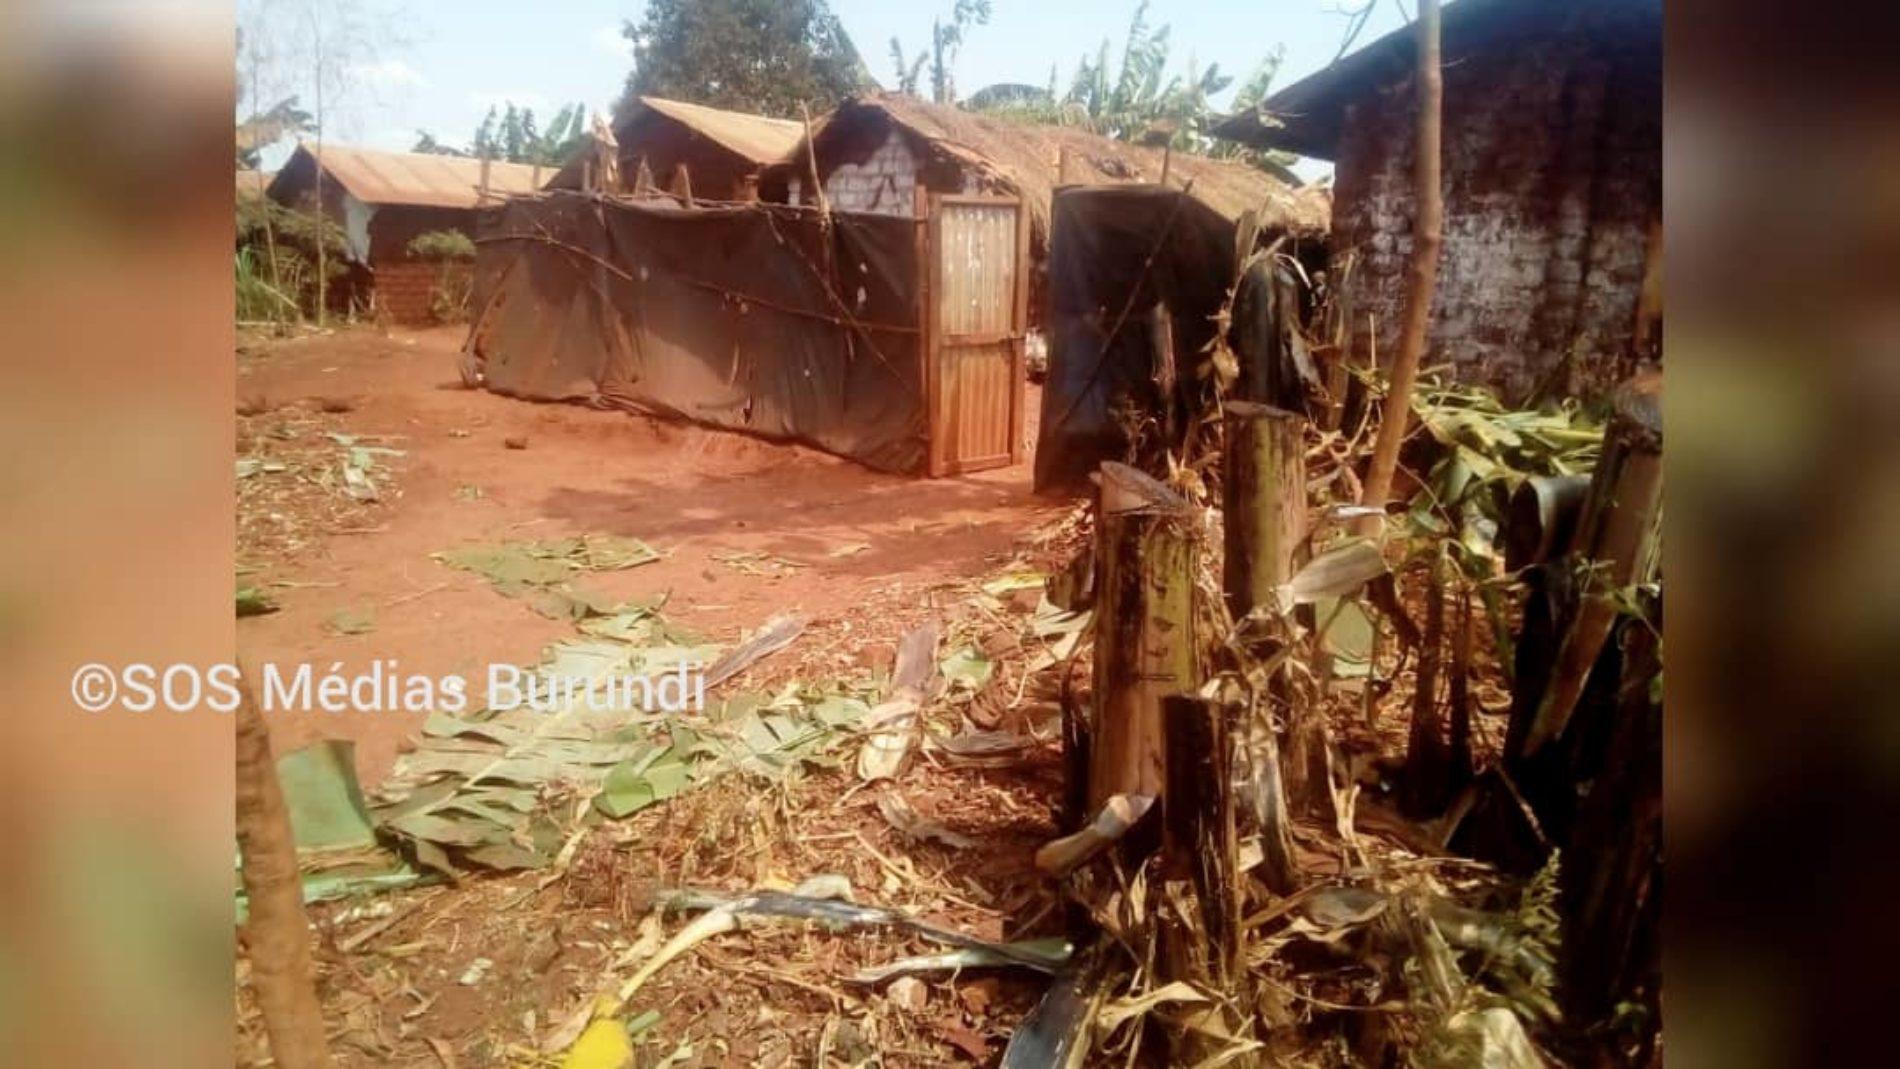 Nyarugusu (Tanzanie) : destruction des champs des rapatriés décriée